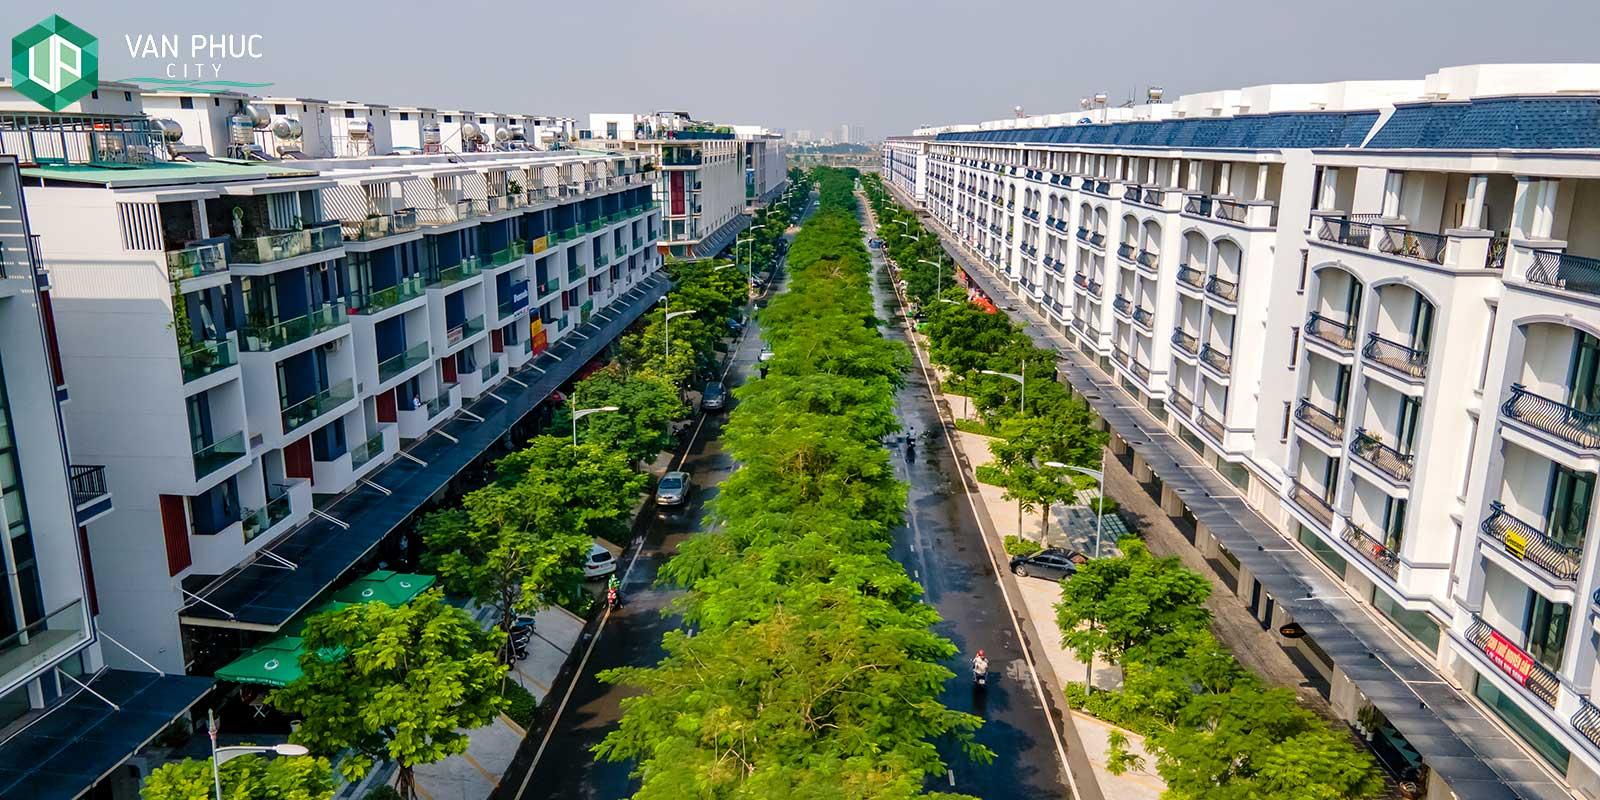 Trải nghiệm mảng xanh vượt trội tại Van Phuc City Thành phố Thủ Đức